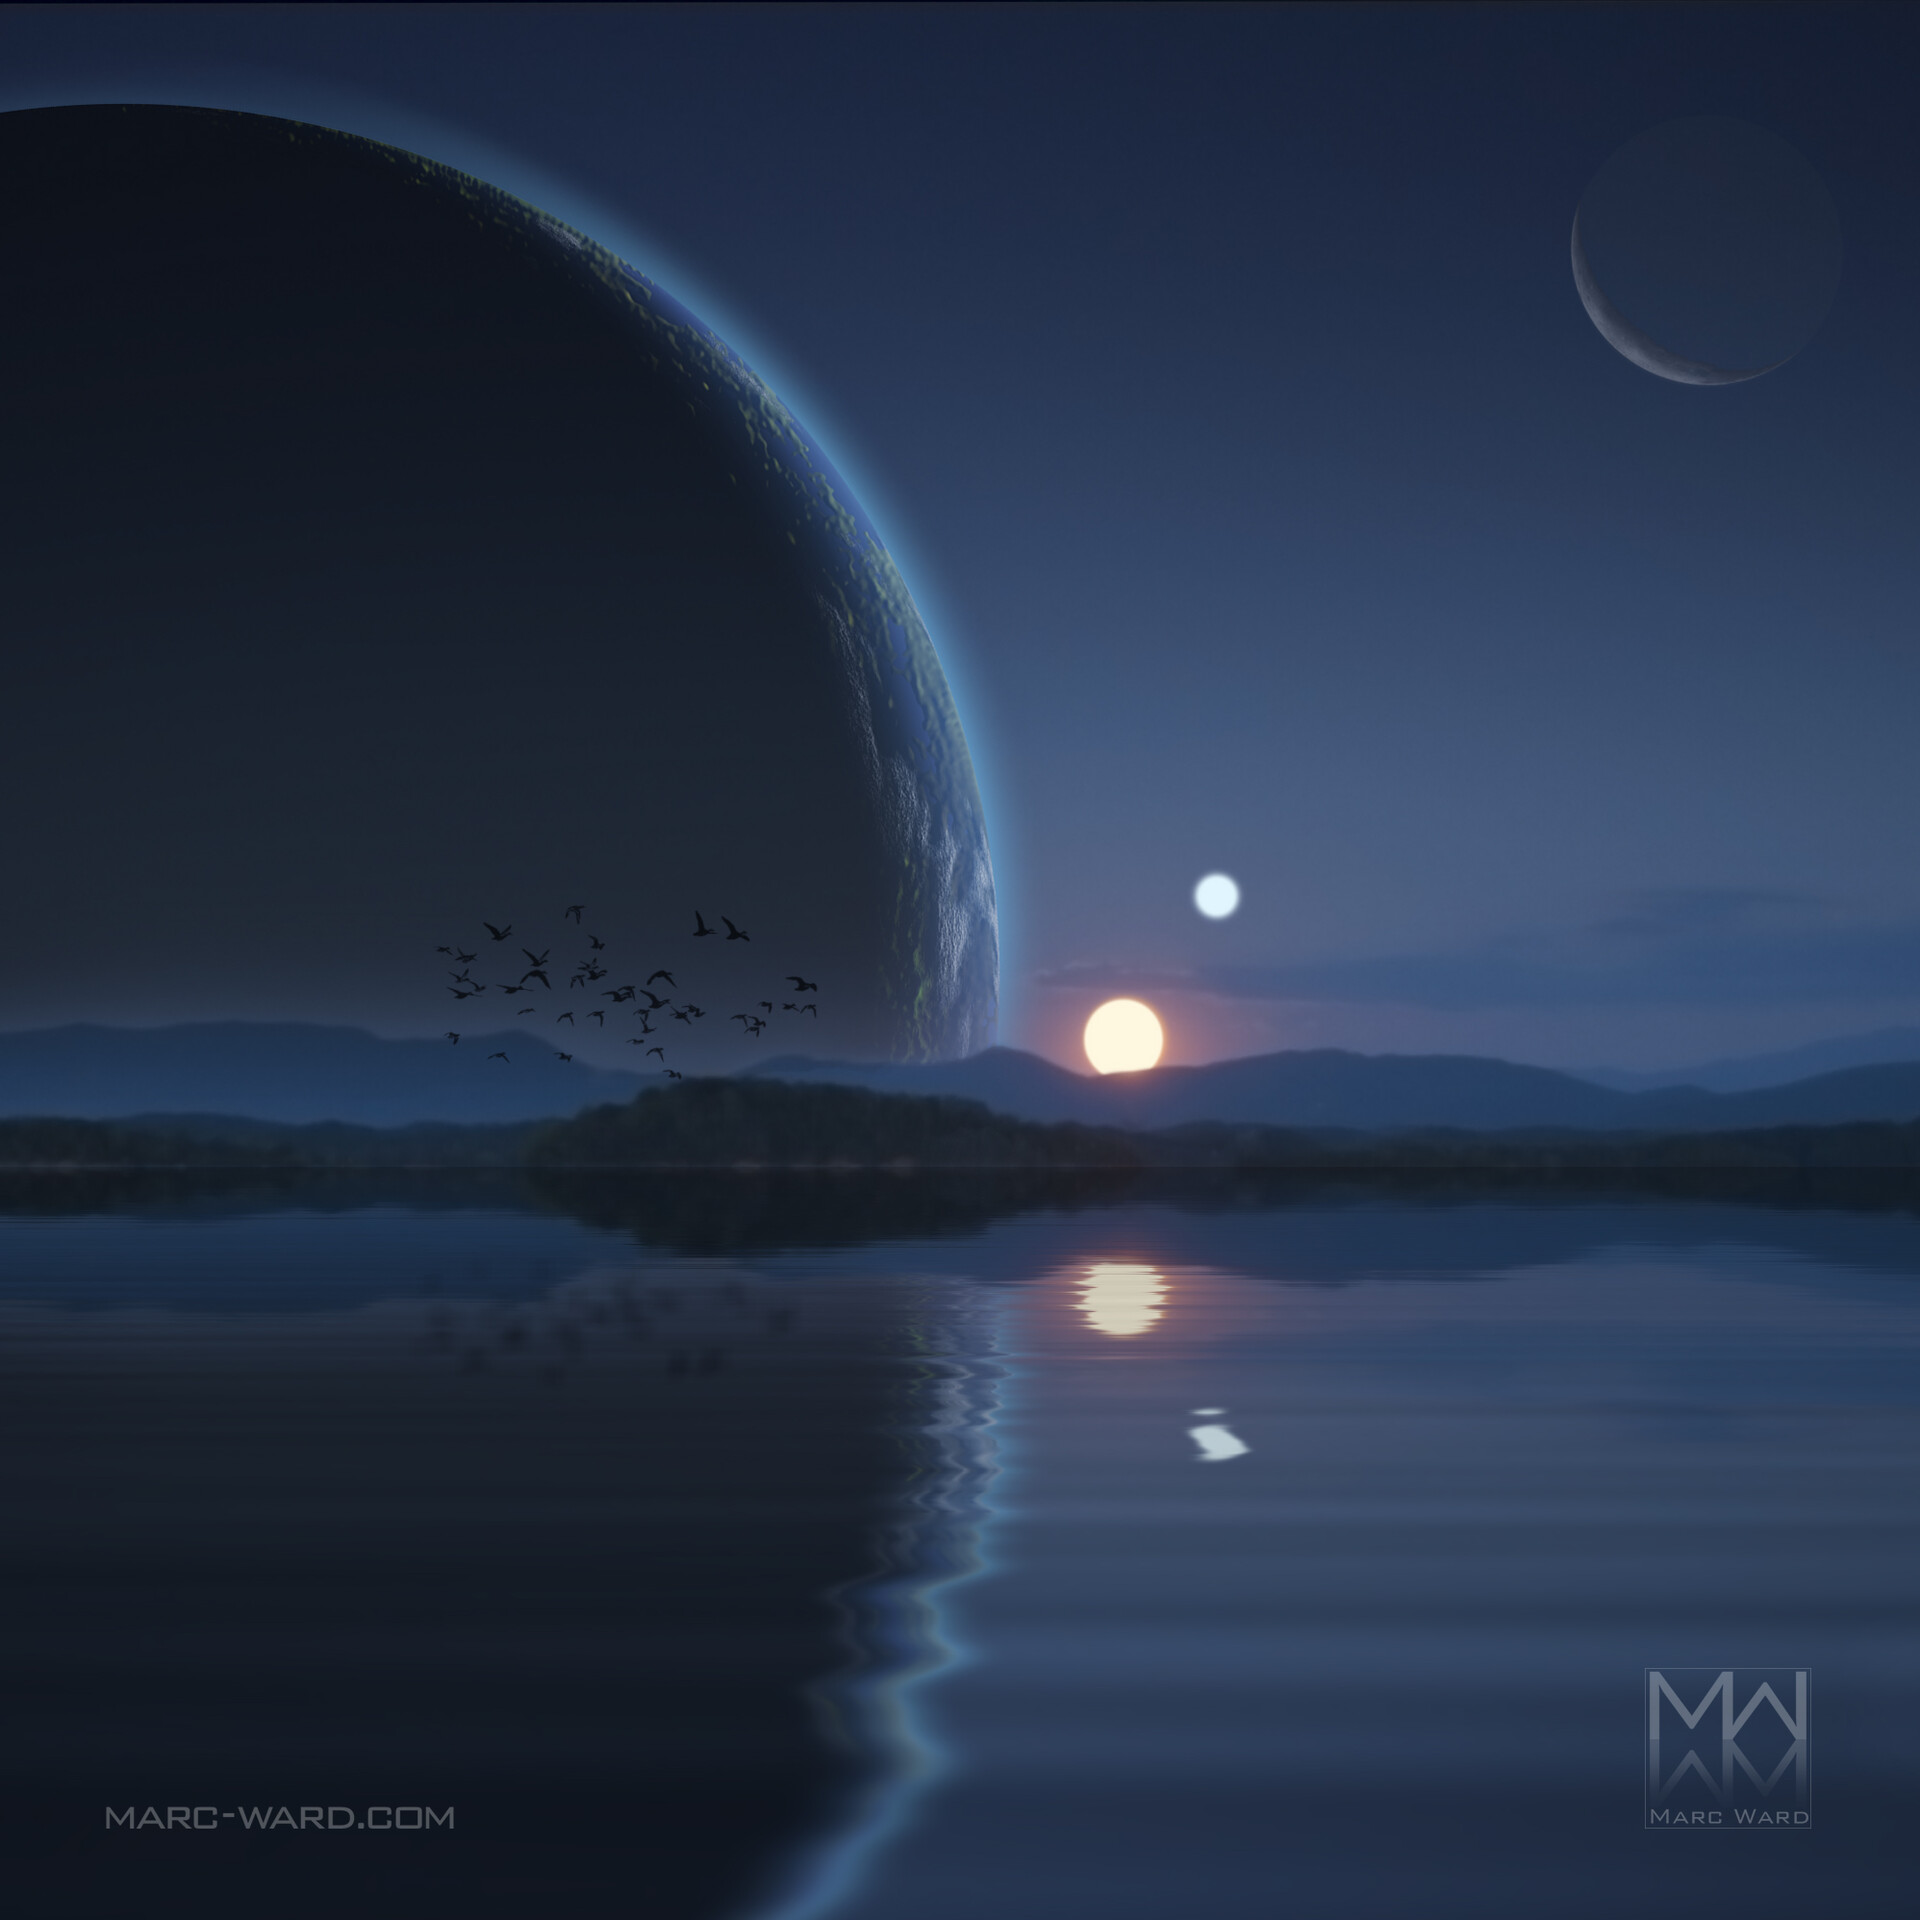 Marc ward binary sunset3 as